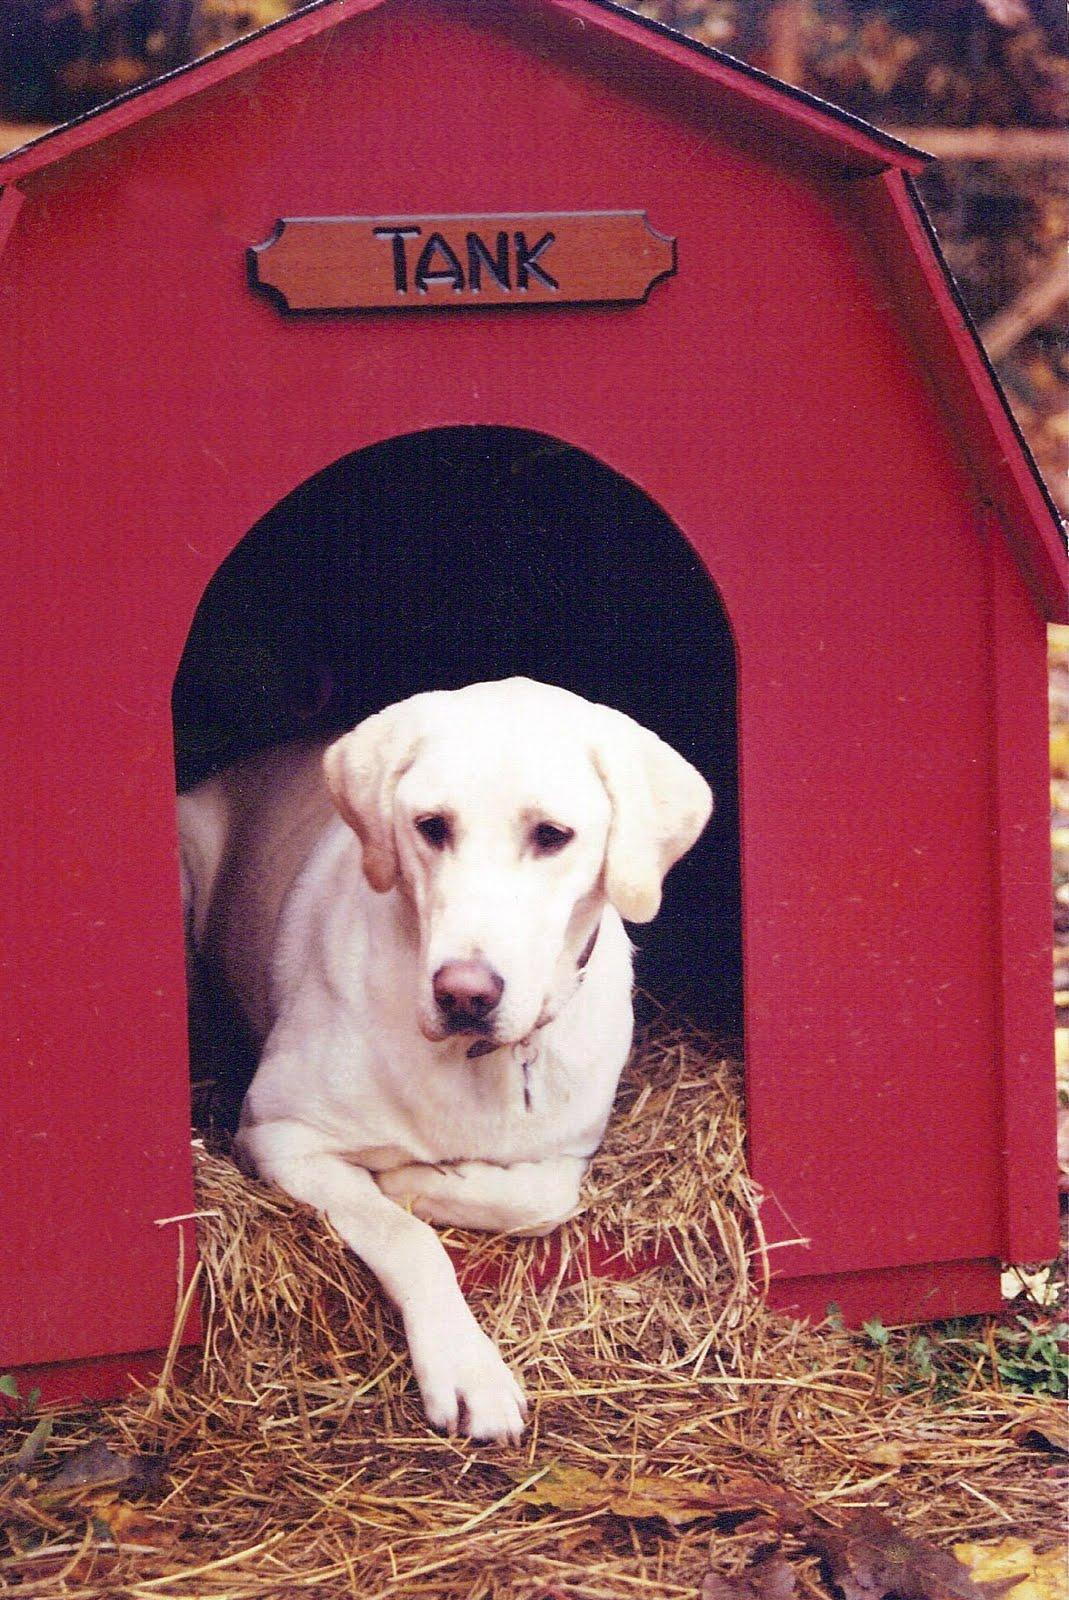 Labrador Retriever Dogs 101 Animal planet dogs 101: